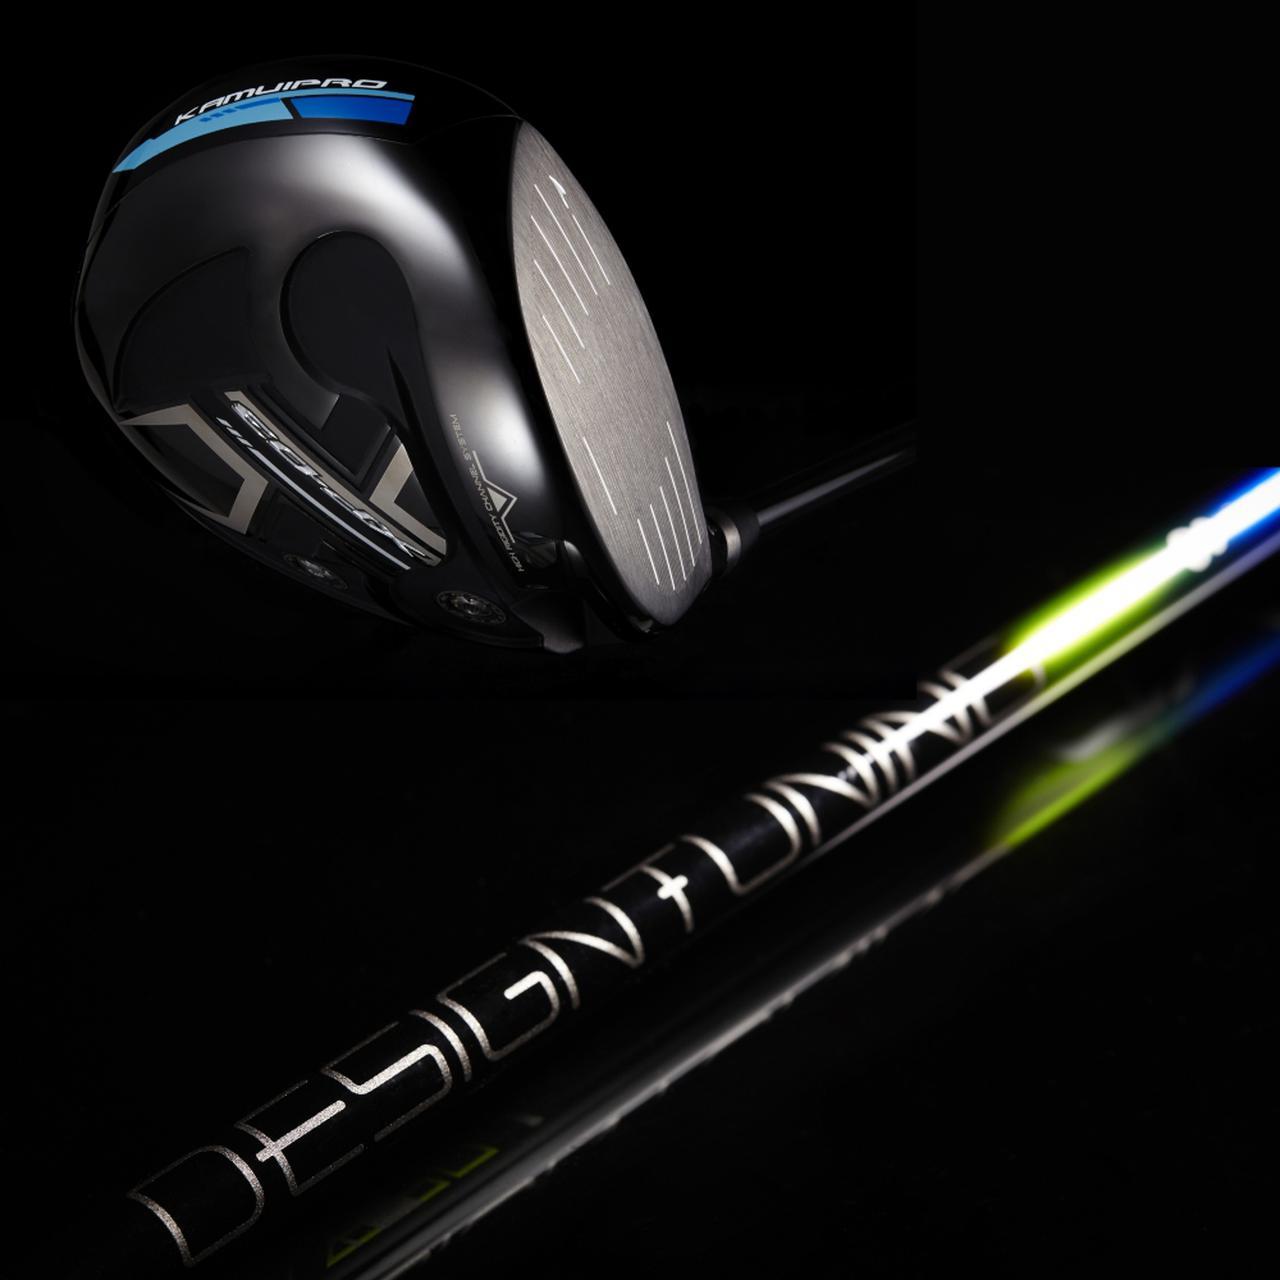 画像: 【スウィングを教えてくれるドライバー】メビウスEX DXM×カムイXP-03 カスタム ゴルフダイジェスト公式通販サイト「ゴルフポケット」